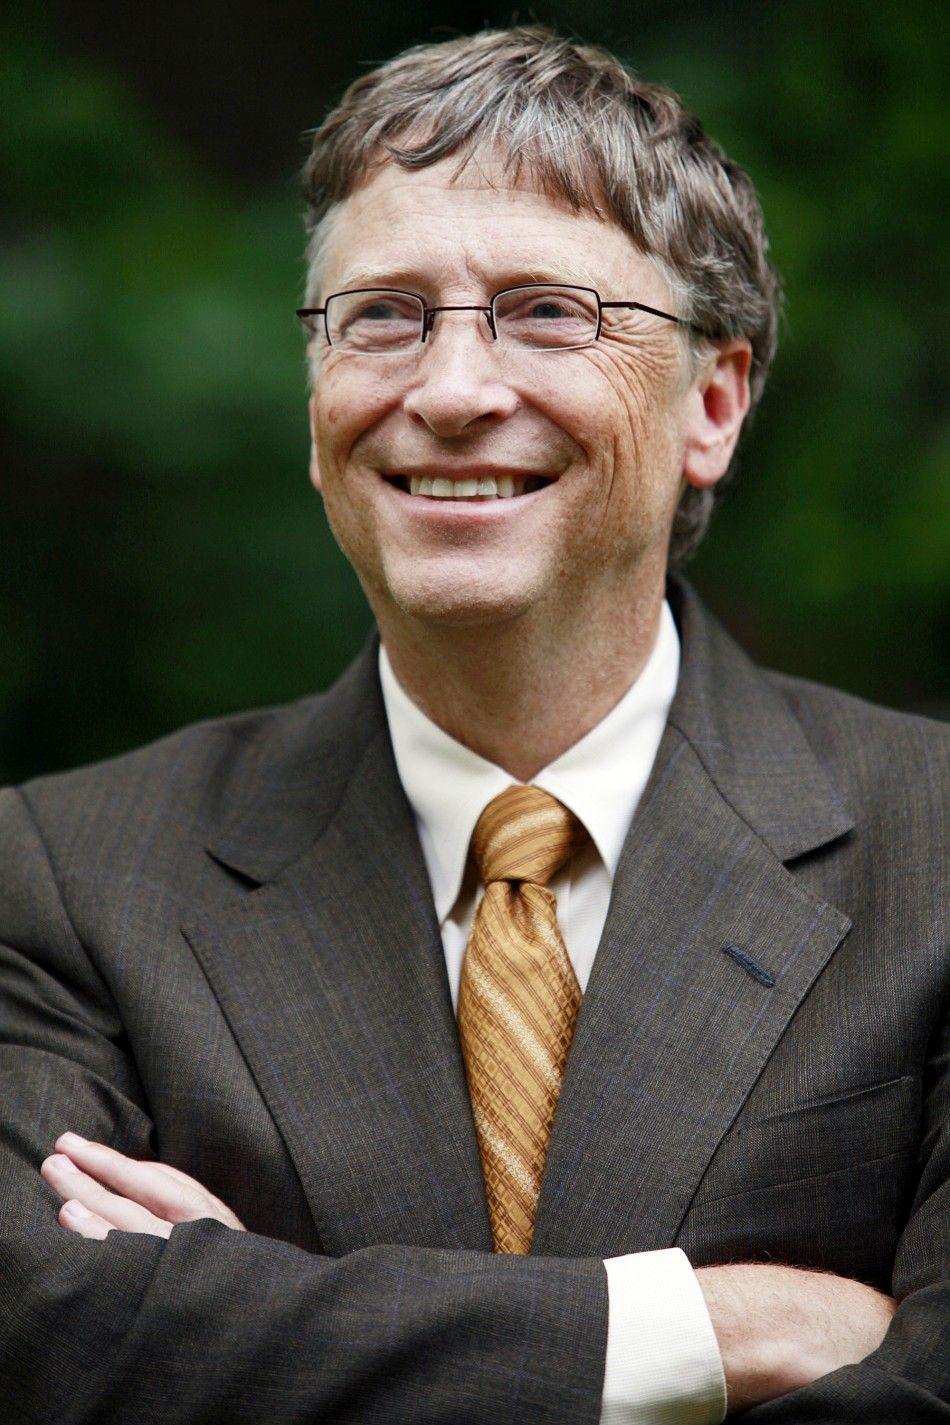 Bill Gates açıkladı: Kovid-19 pandemisi ne zaman bitecek? - Sayfa 3